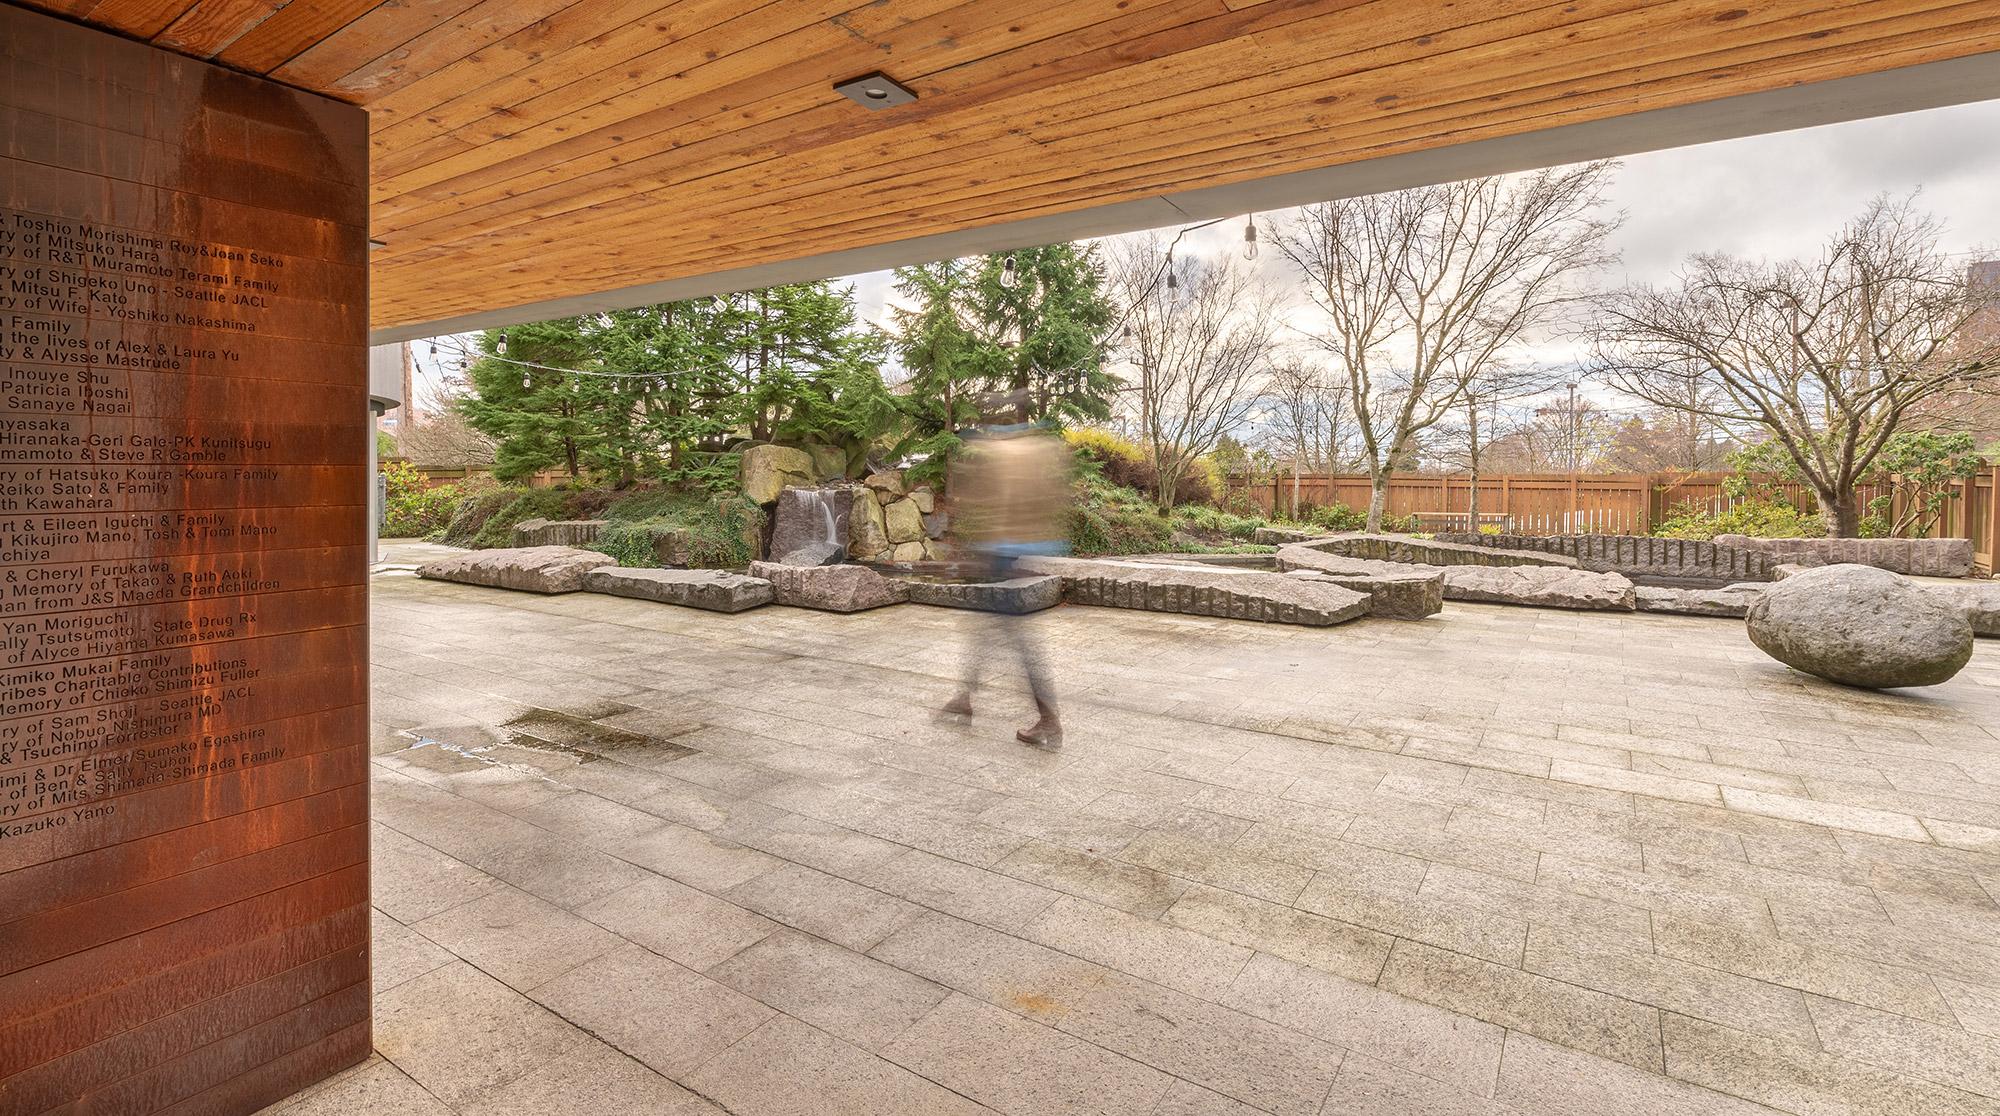 Murase-Keiro-Gardens-06-AvL#.jpg